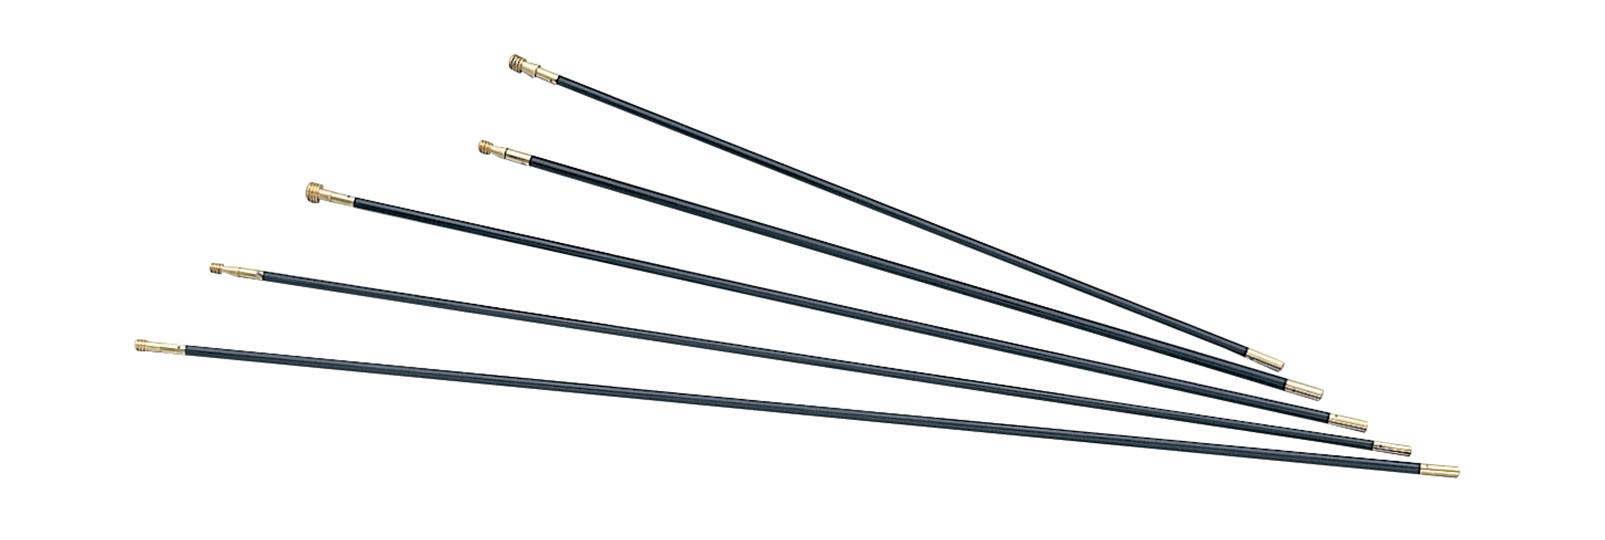 Bacchetta in fibra per armi ad avancarica 9x695 mm